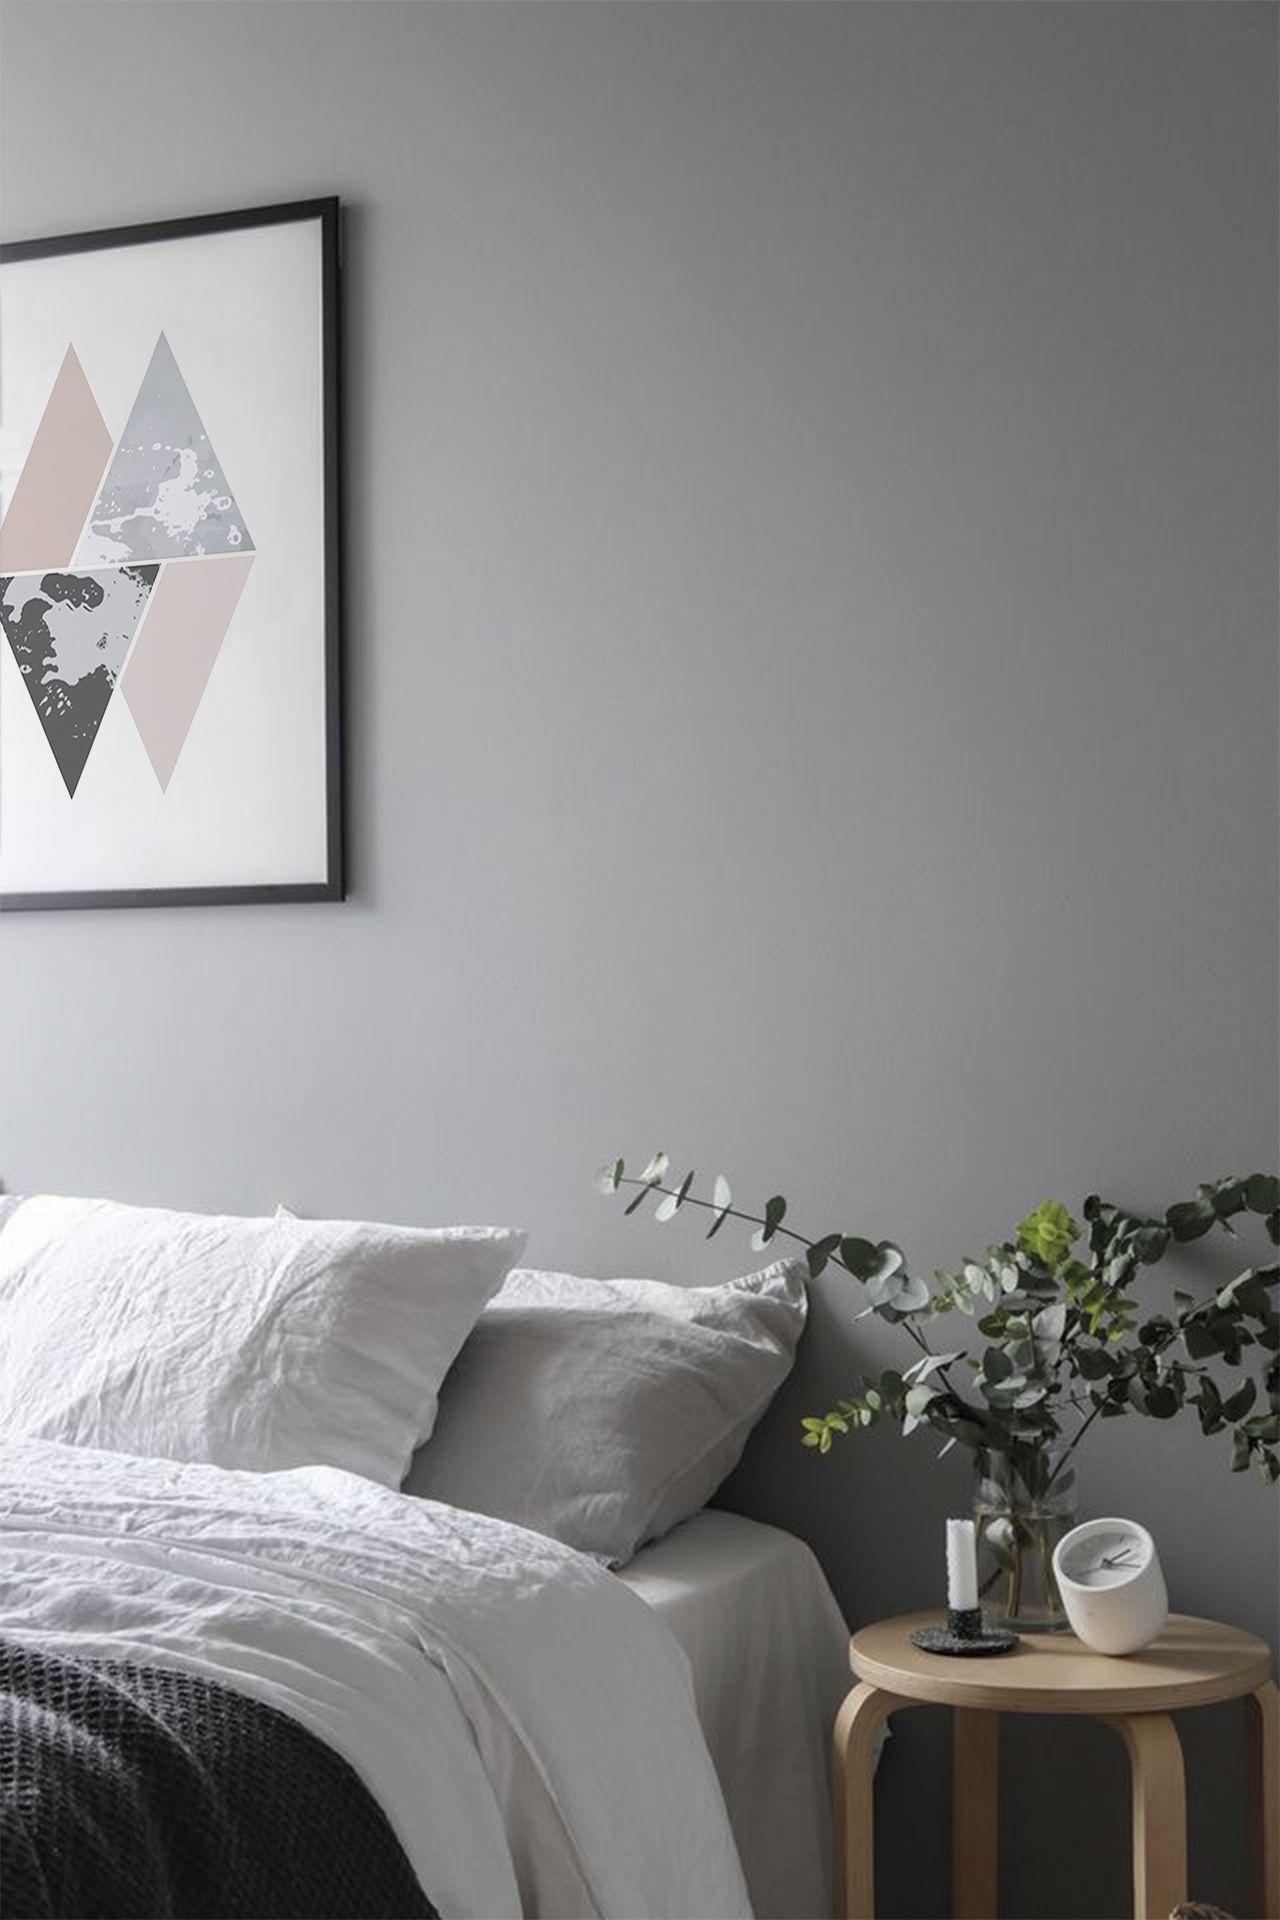 Black And Pink Triangles Wall Art Print Biege Minimalism